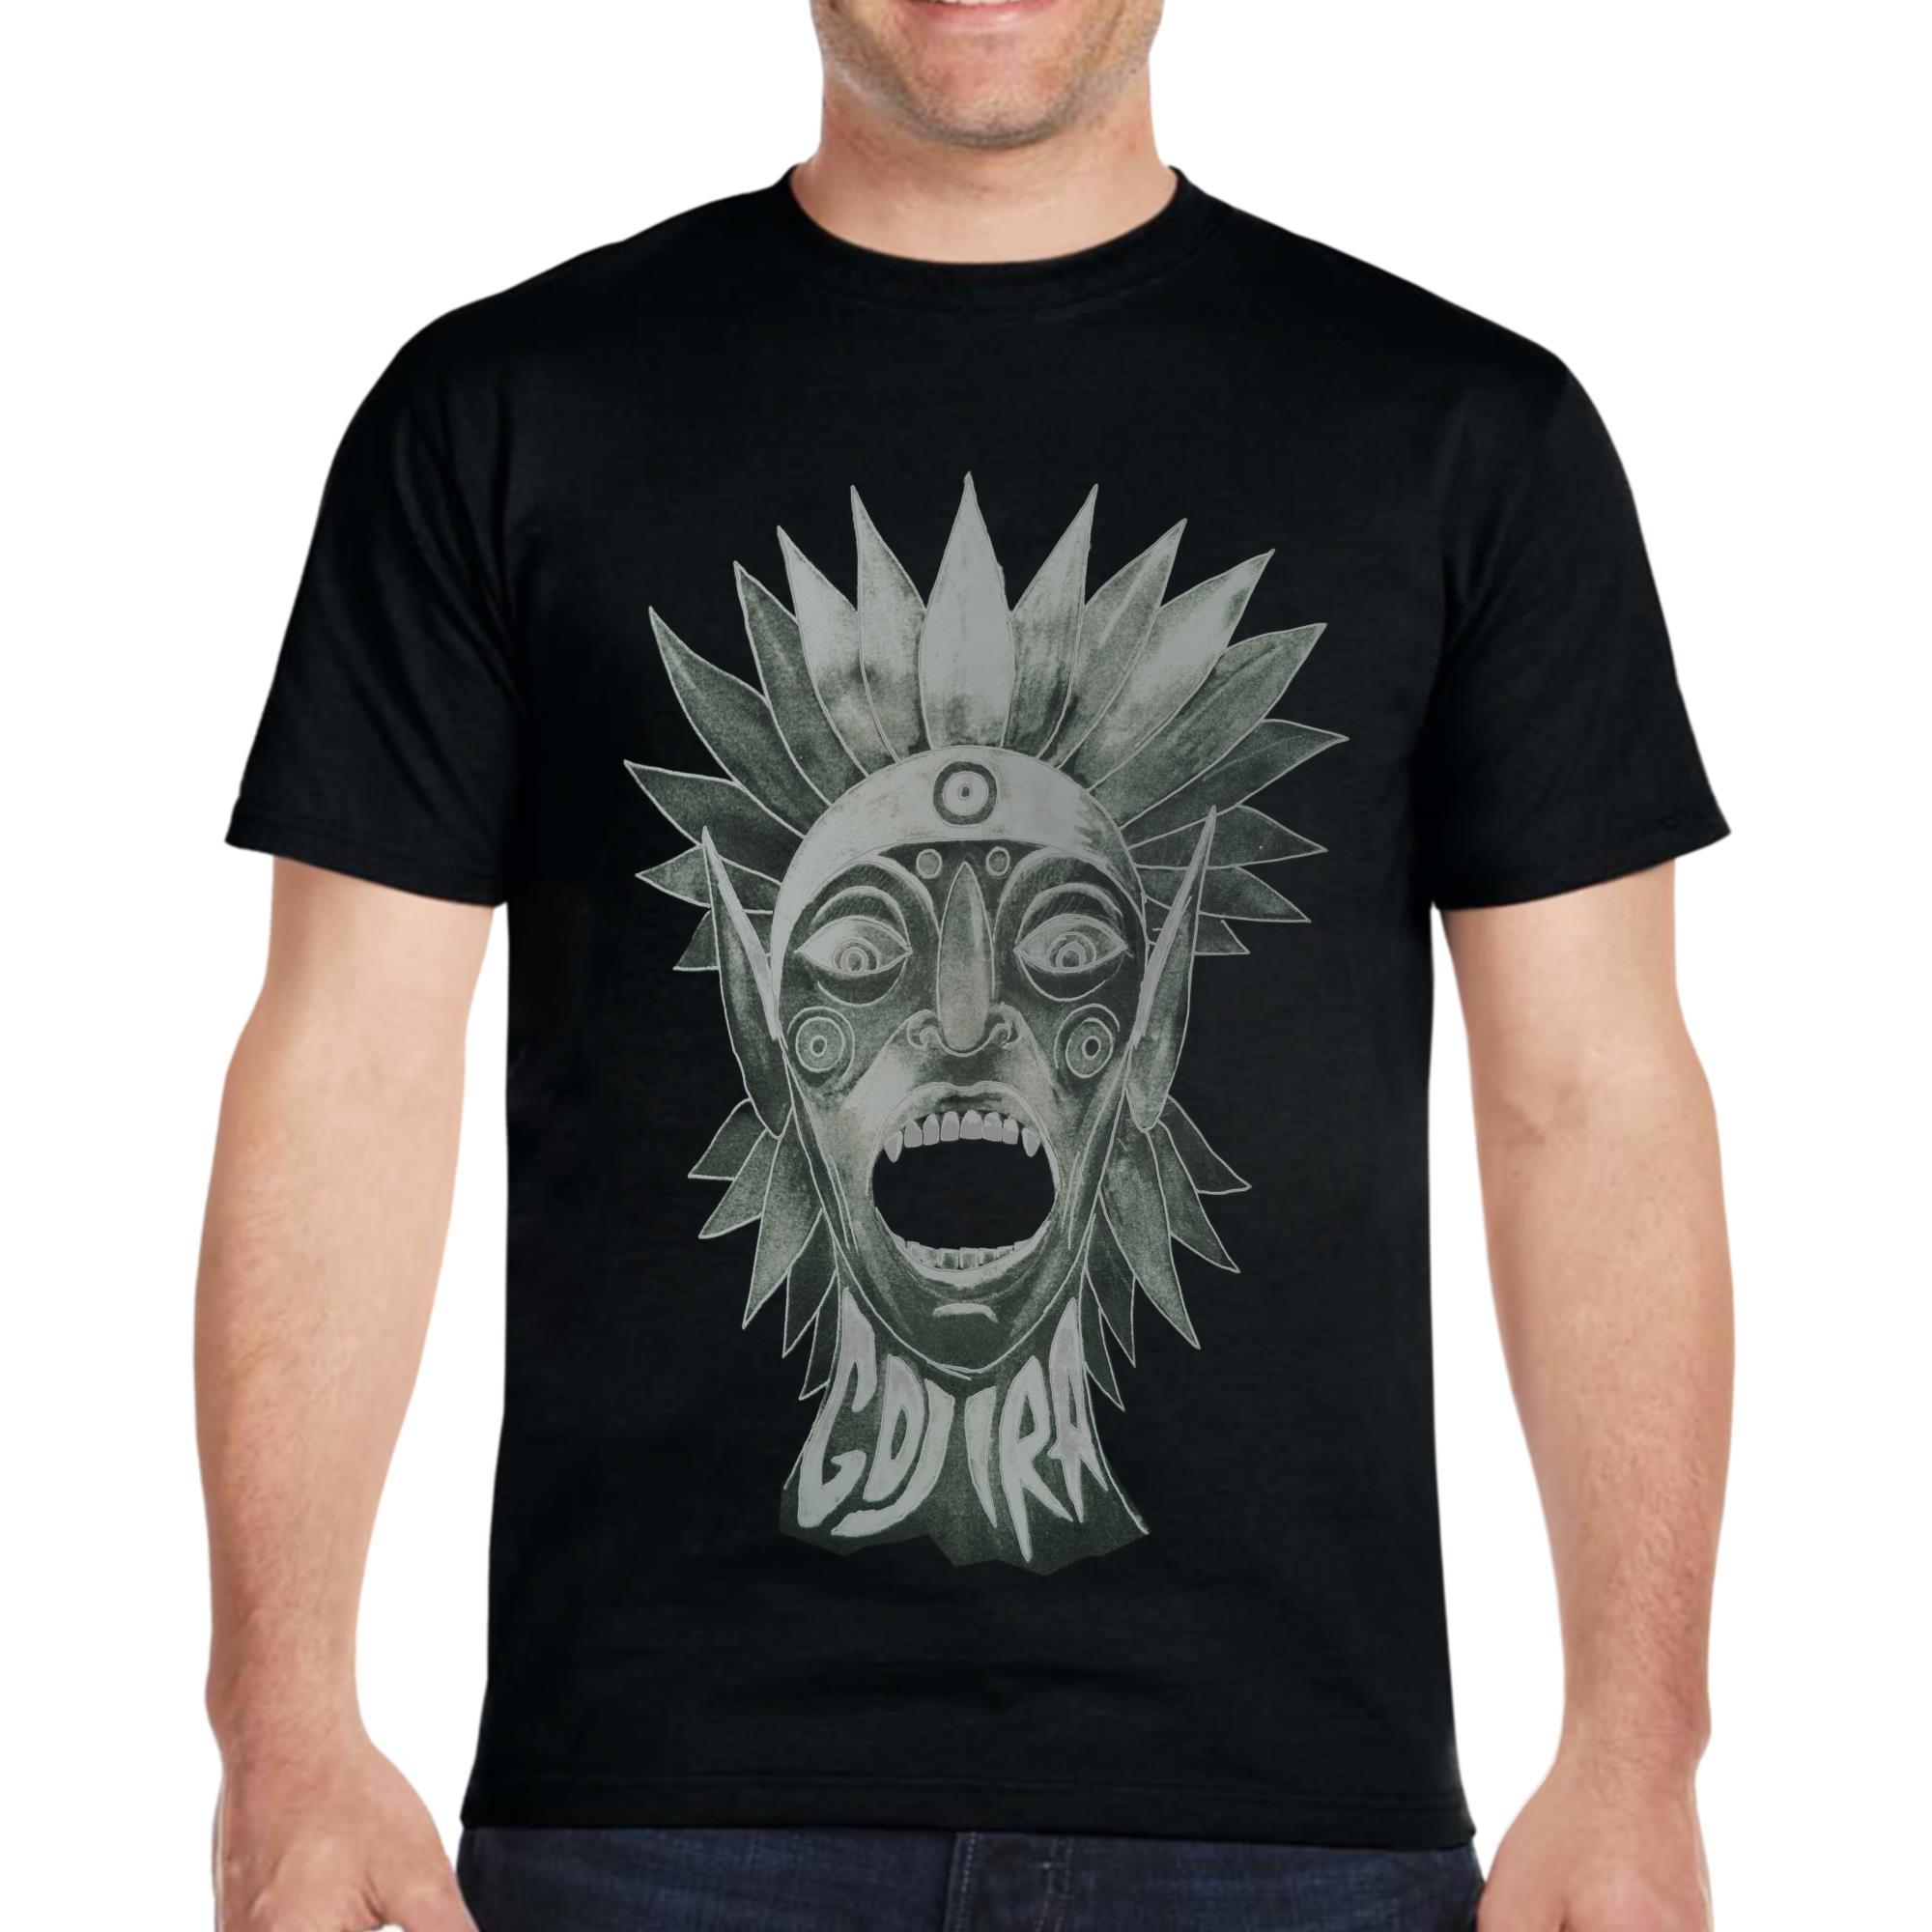 Scream Head T-shirt